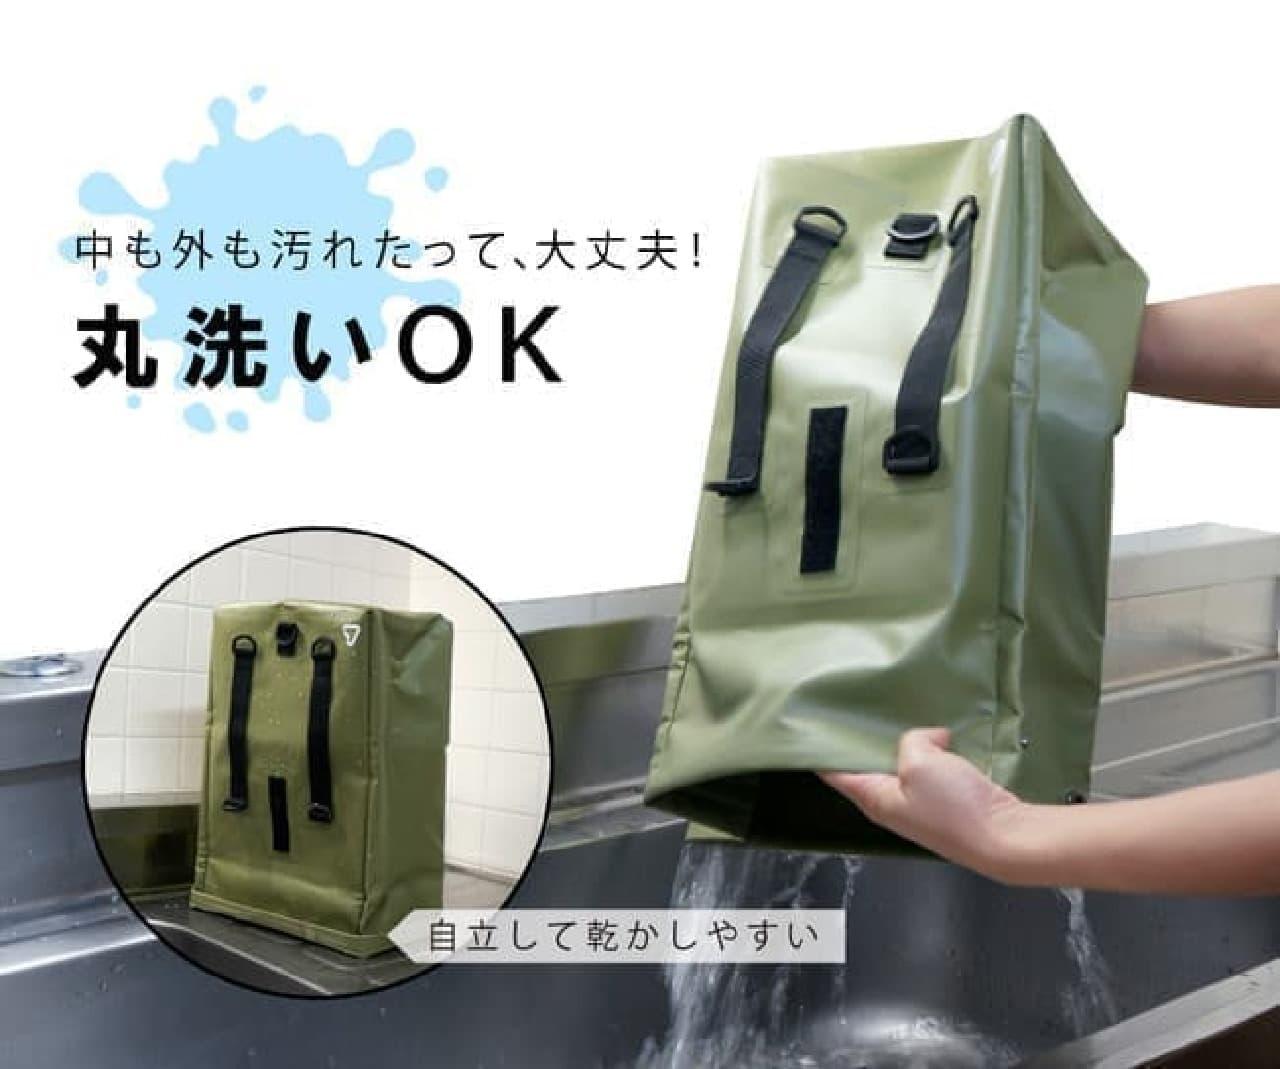 ピザ&寿司も!ニオイ漏れ・傾きを防ぐ「テイクアウトバッグ」